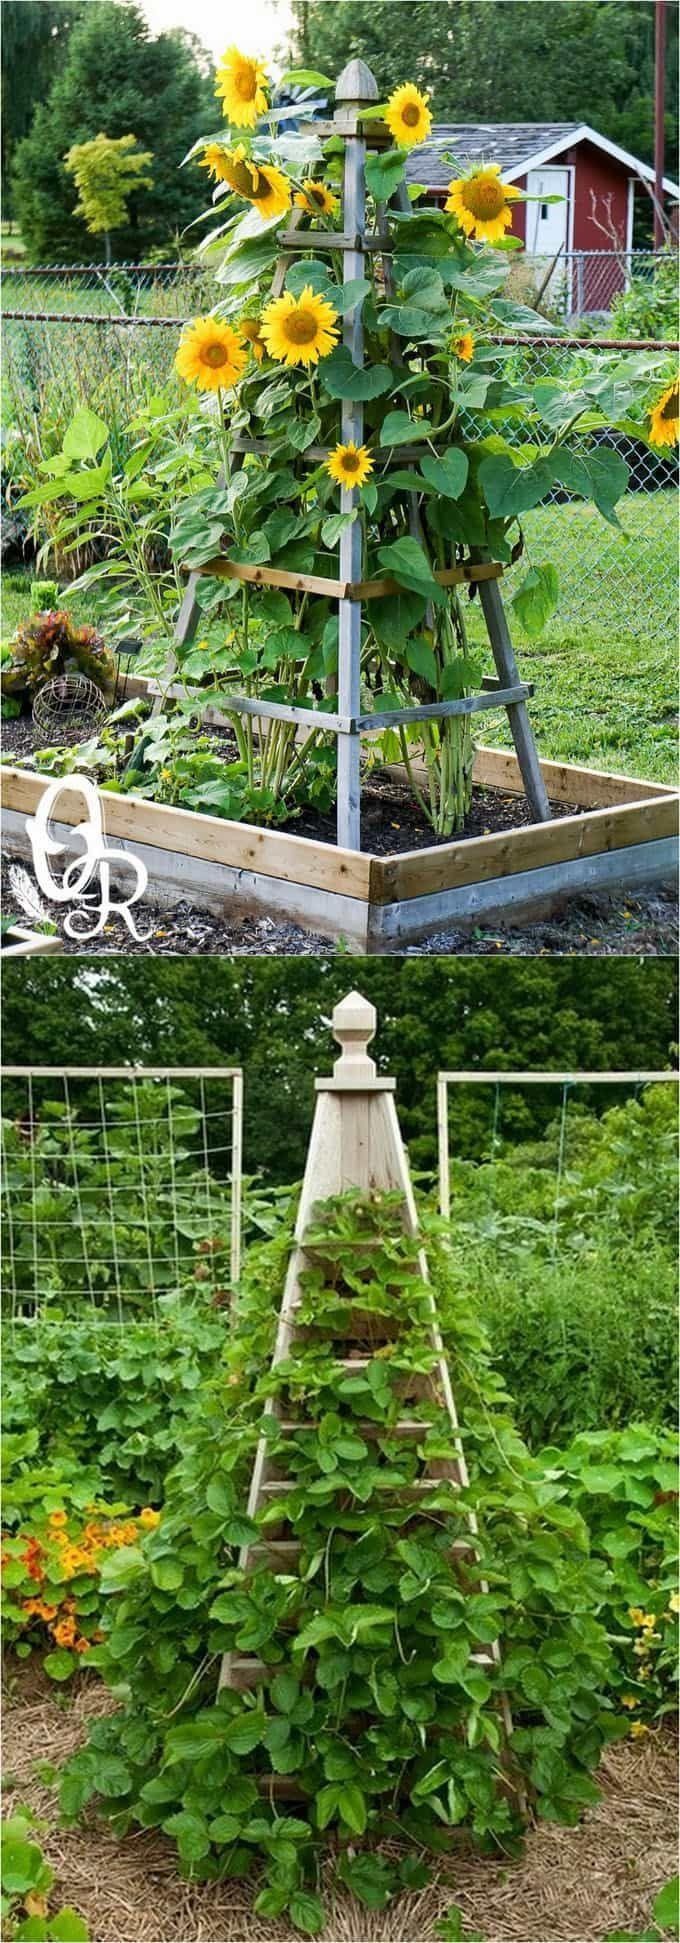 Photo of 21 hermosas rejas y estructuras de jardín amigables con el bricolaje, como gur … #friendly …